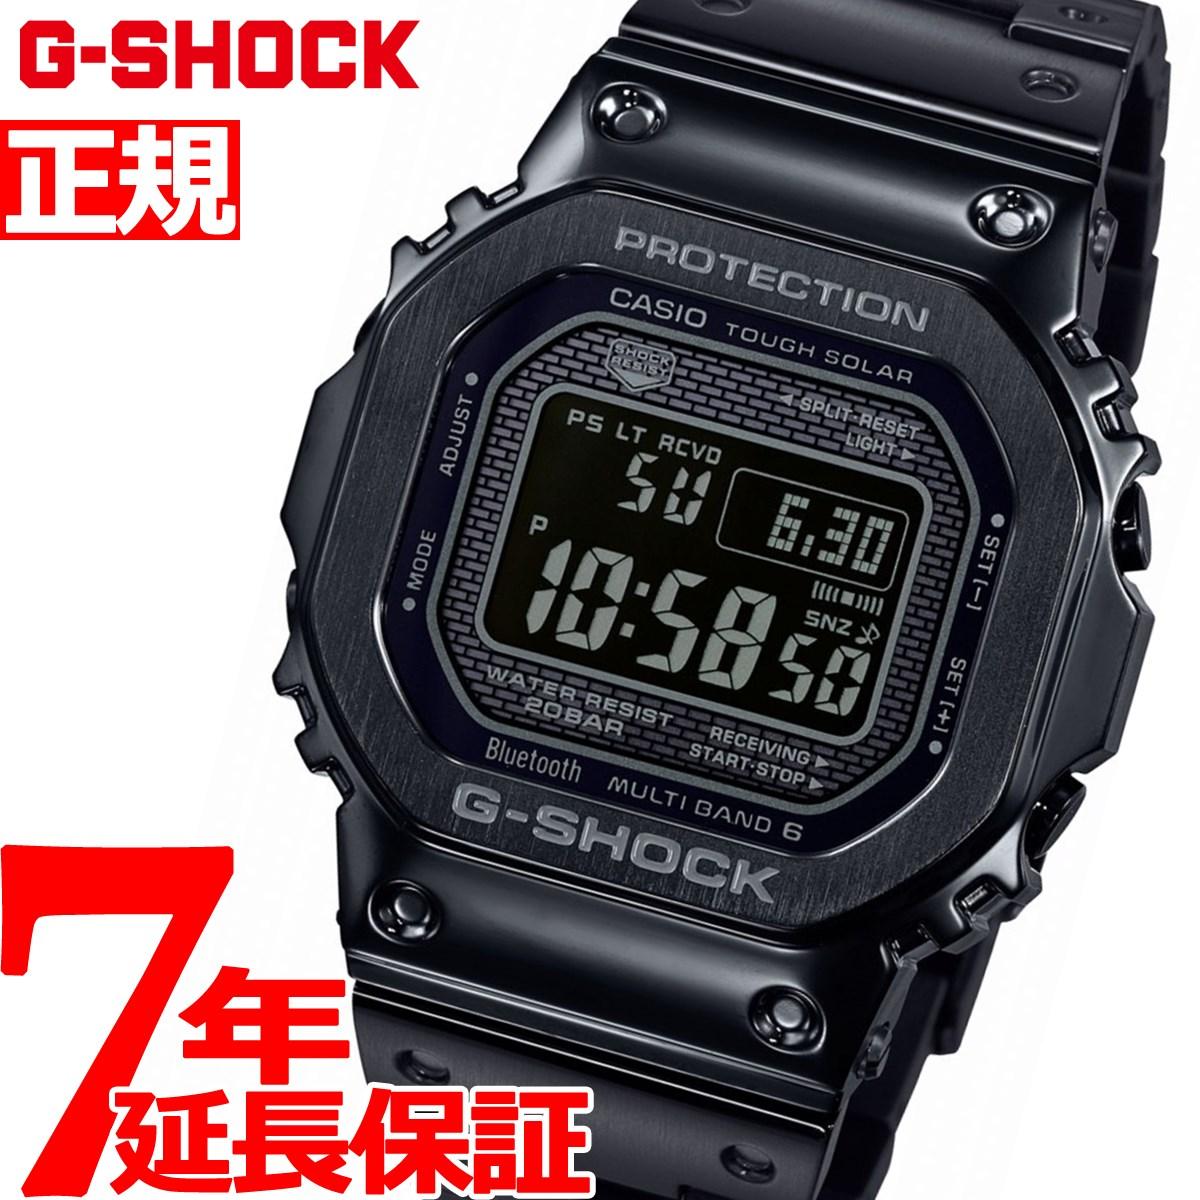 カシオ Gショック CASIO G-SHOCK タフソーラー 電波時計 デジタル 腕時計 メンズ ブラック GMW-B5000GD-1JF【2018 新作】